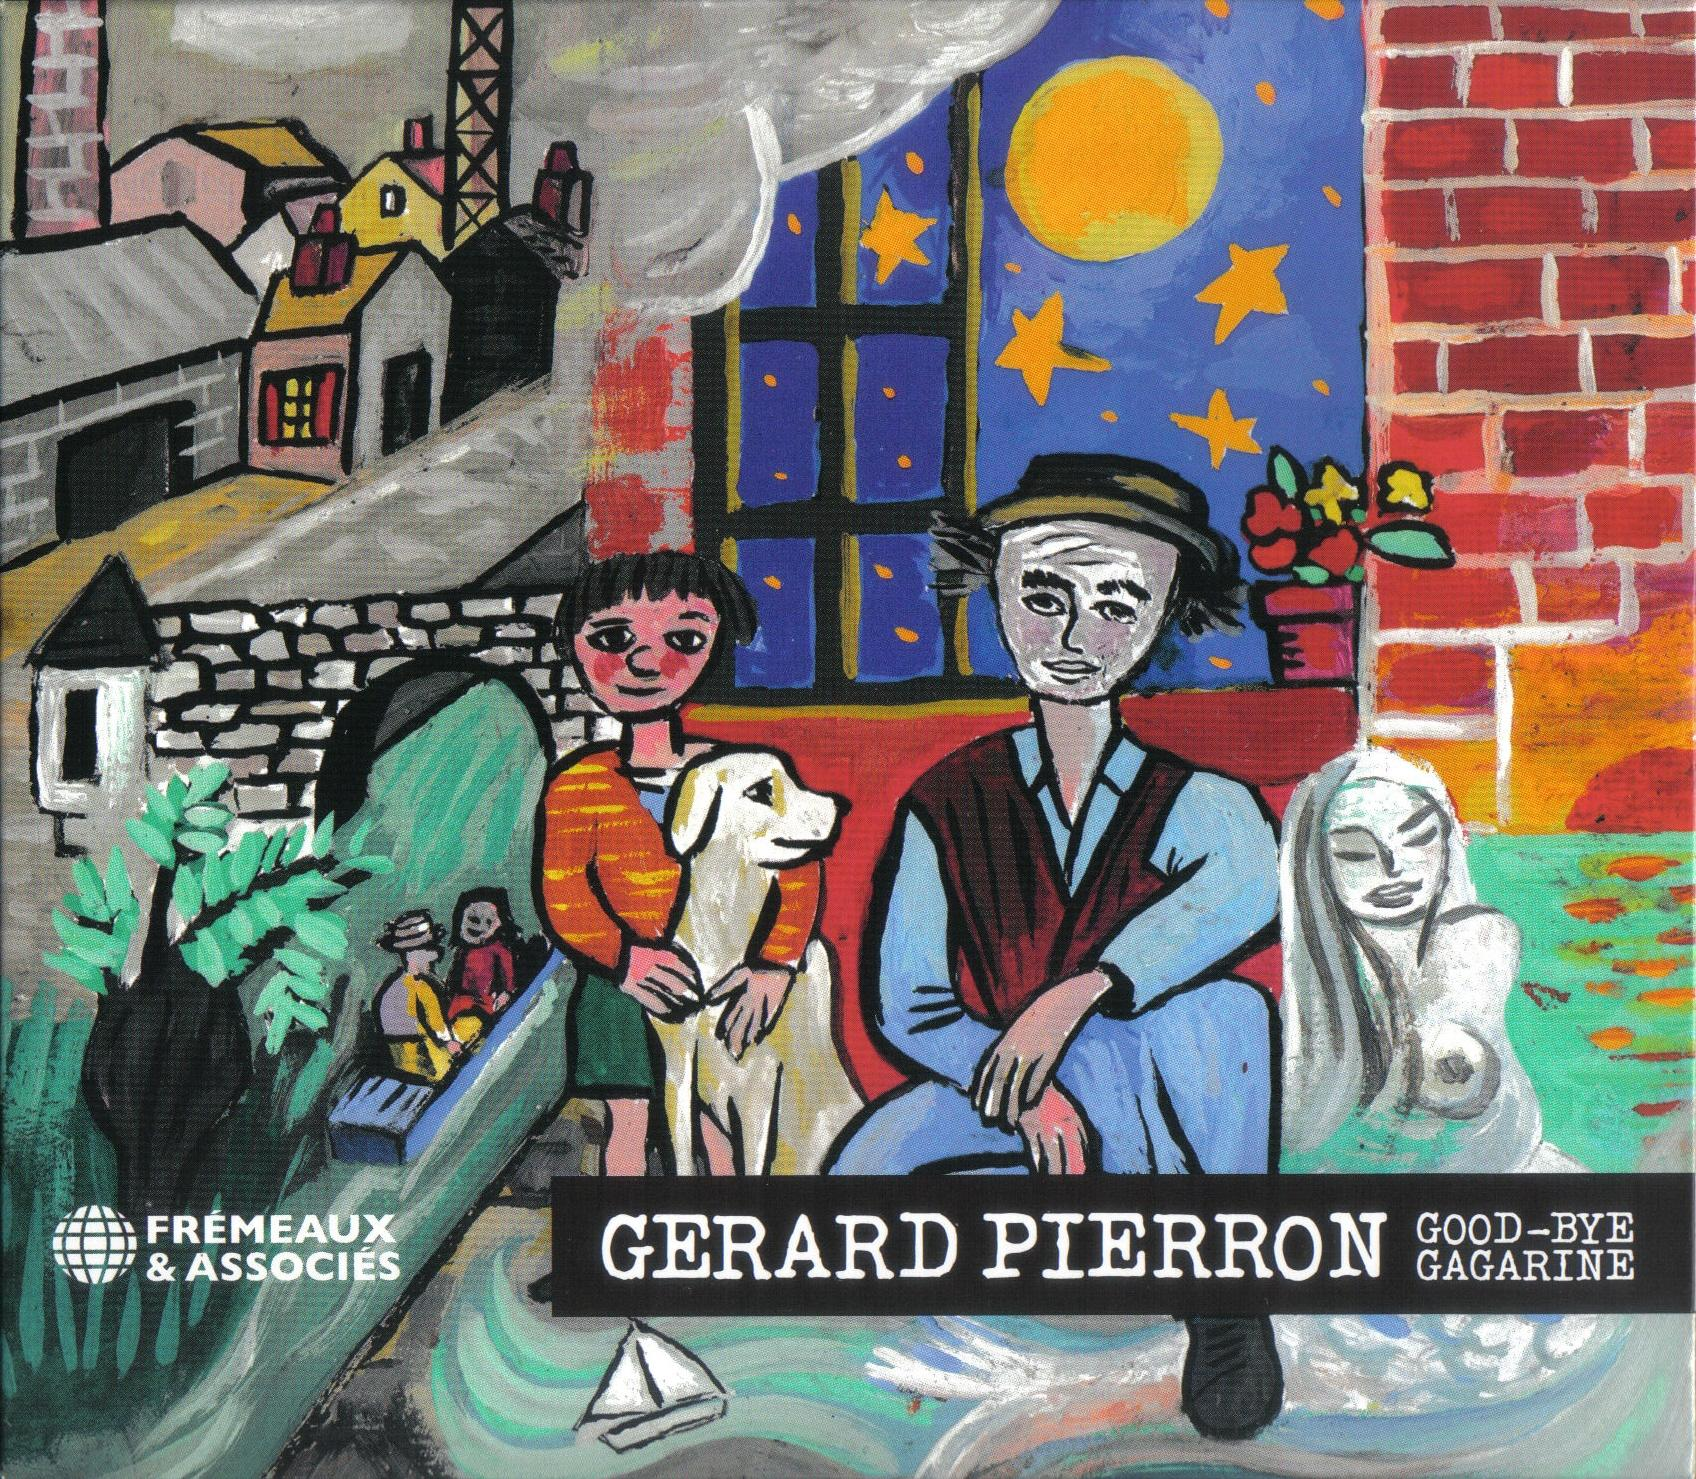 Gerard pierron good bye gagarine